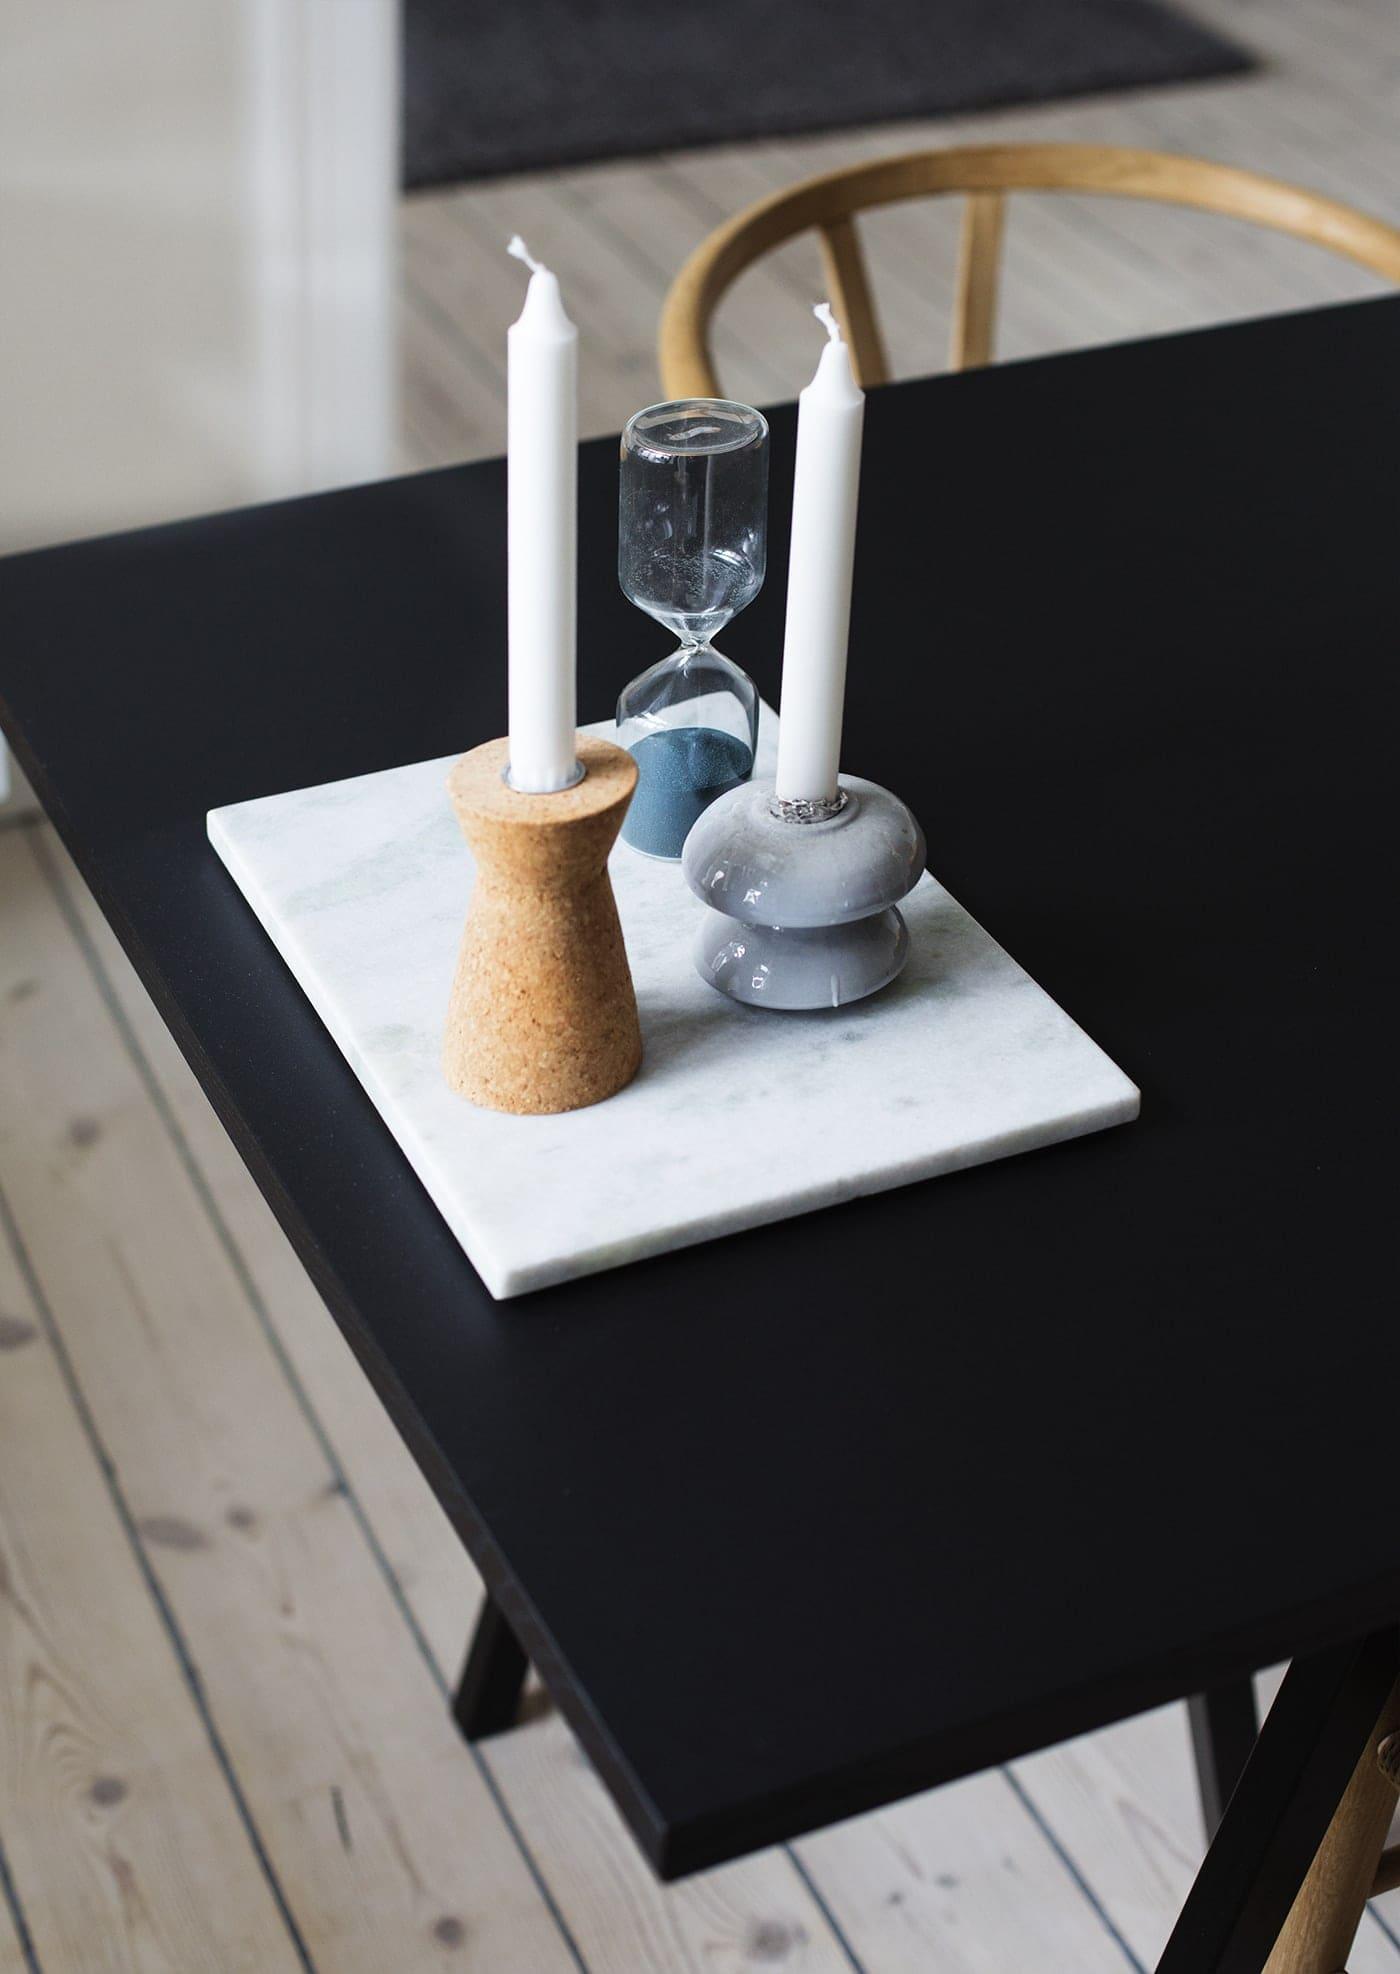 Copenhagen | wanderlust | air bnb dining room 5